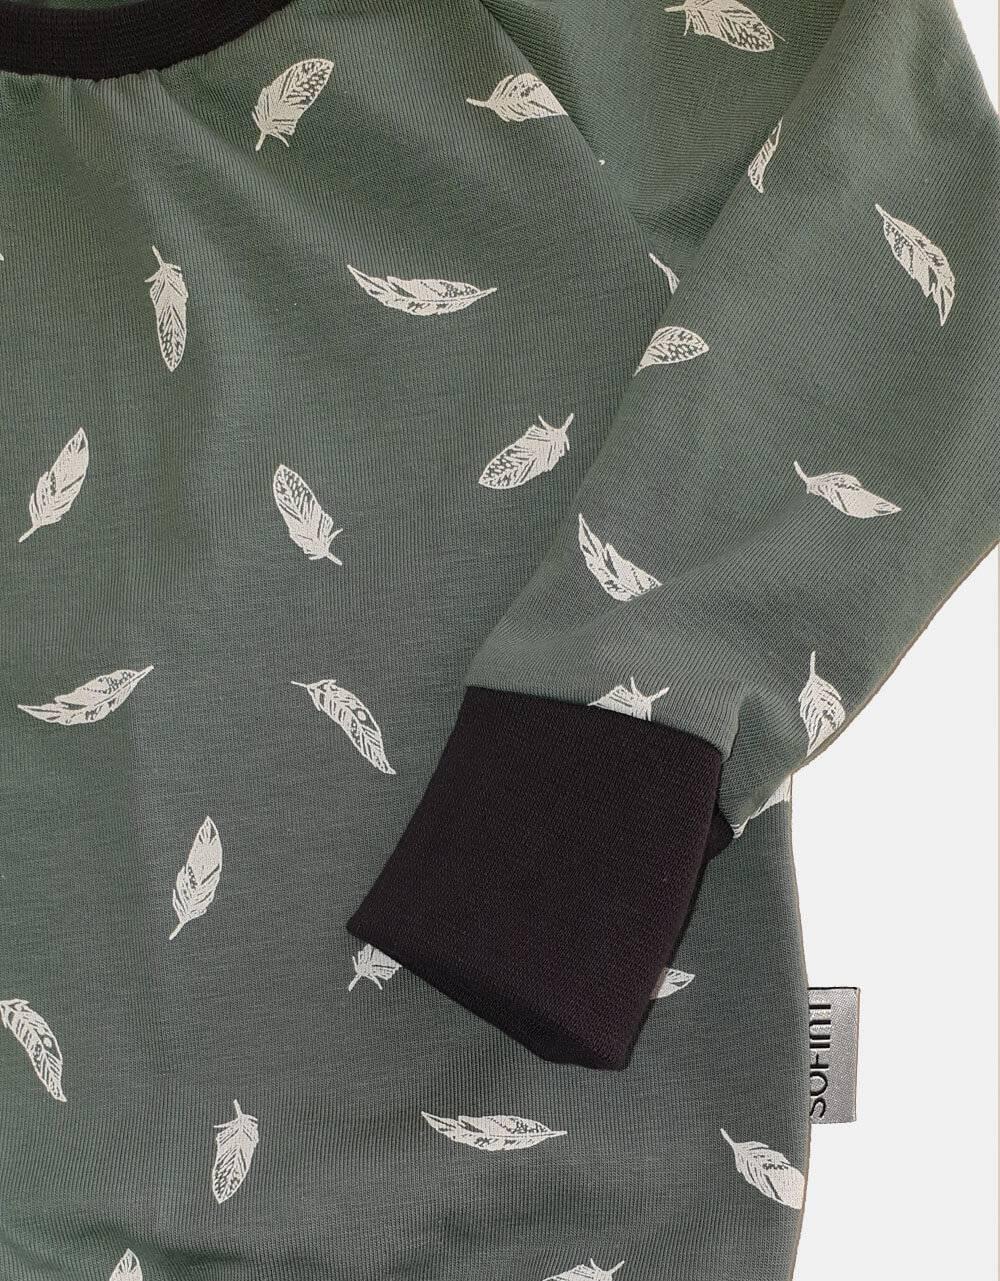 Langarm-Shirt grün mit Feder